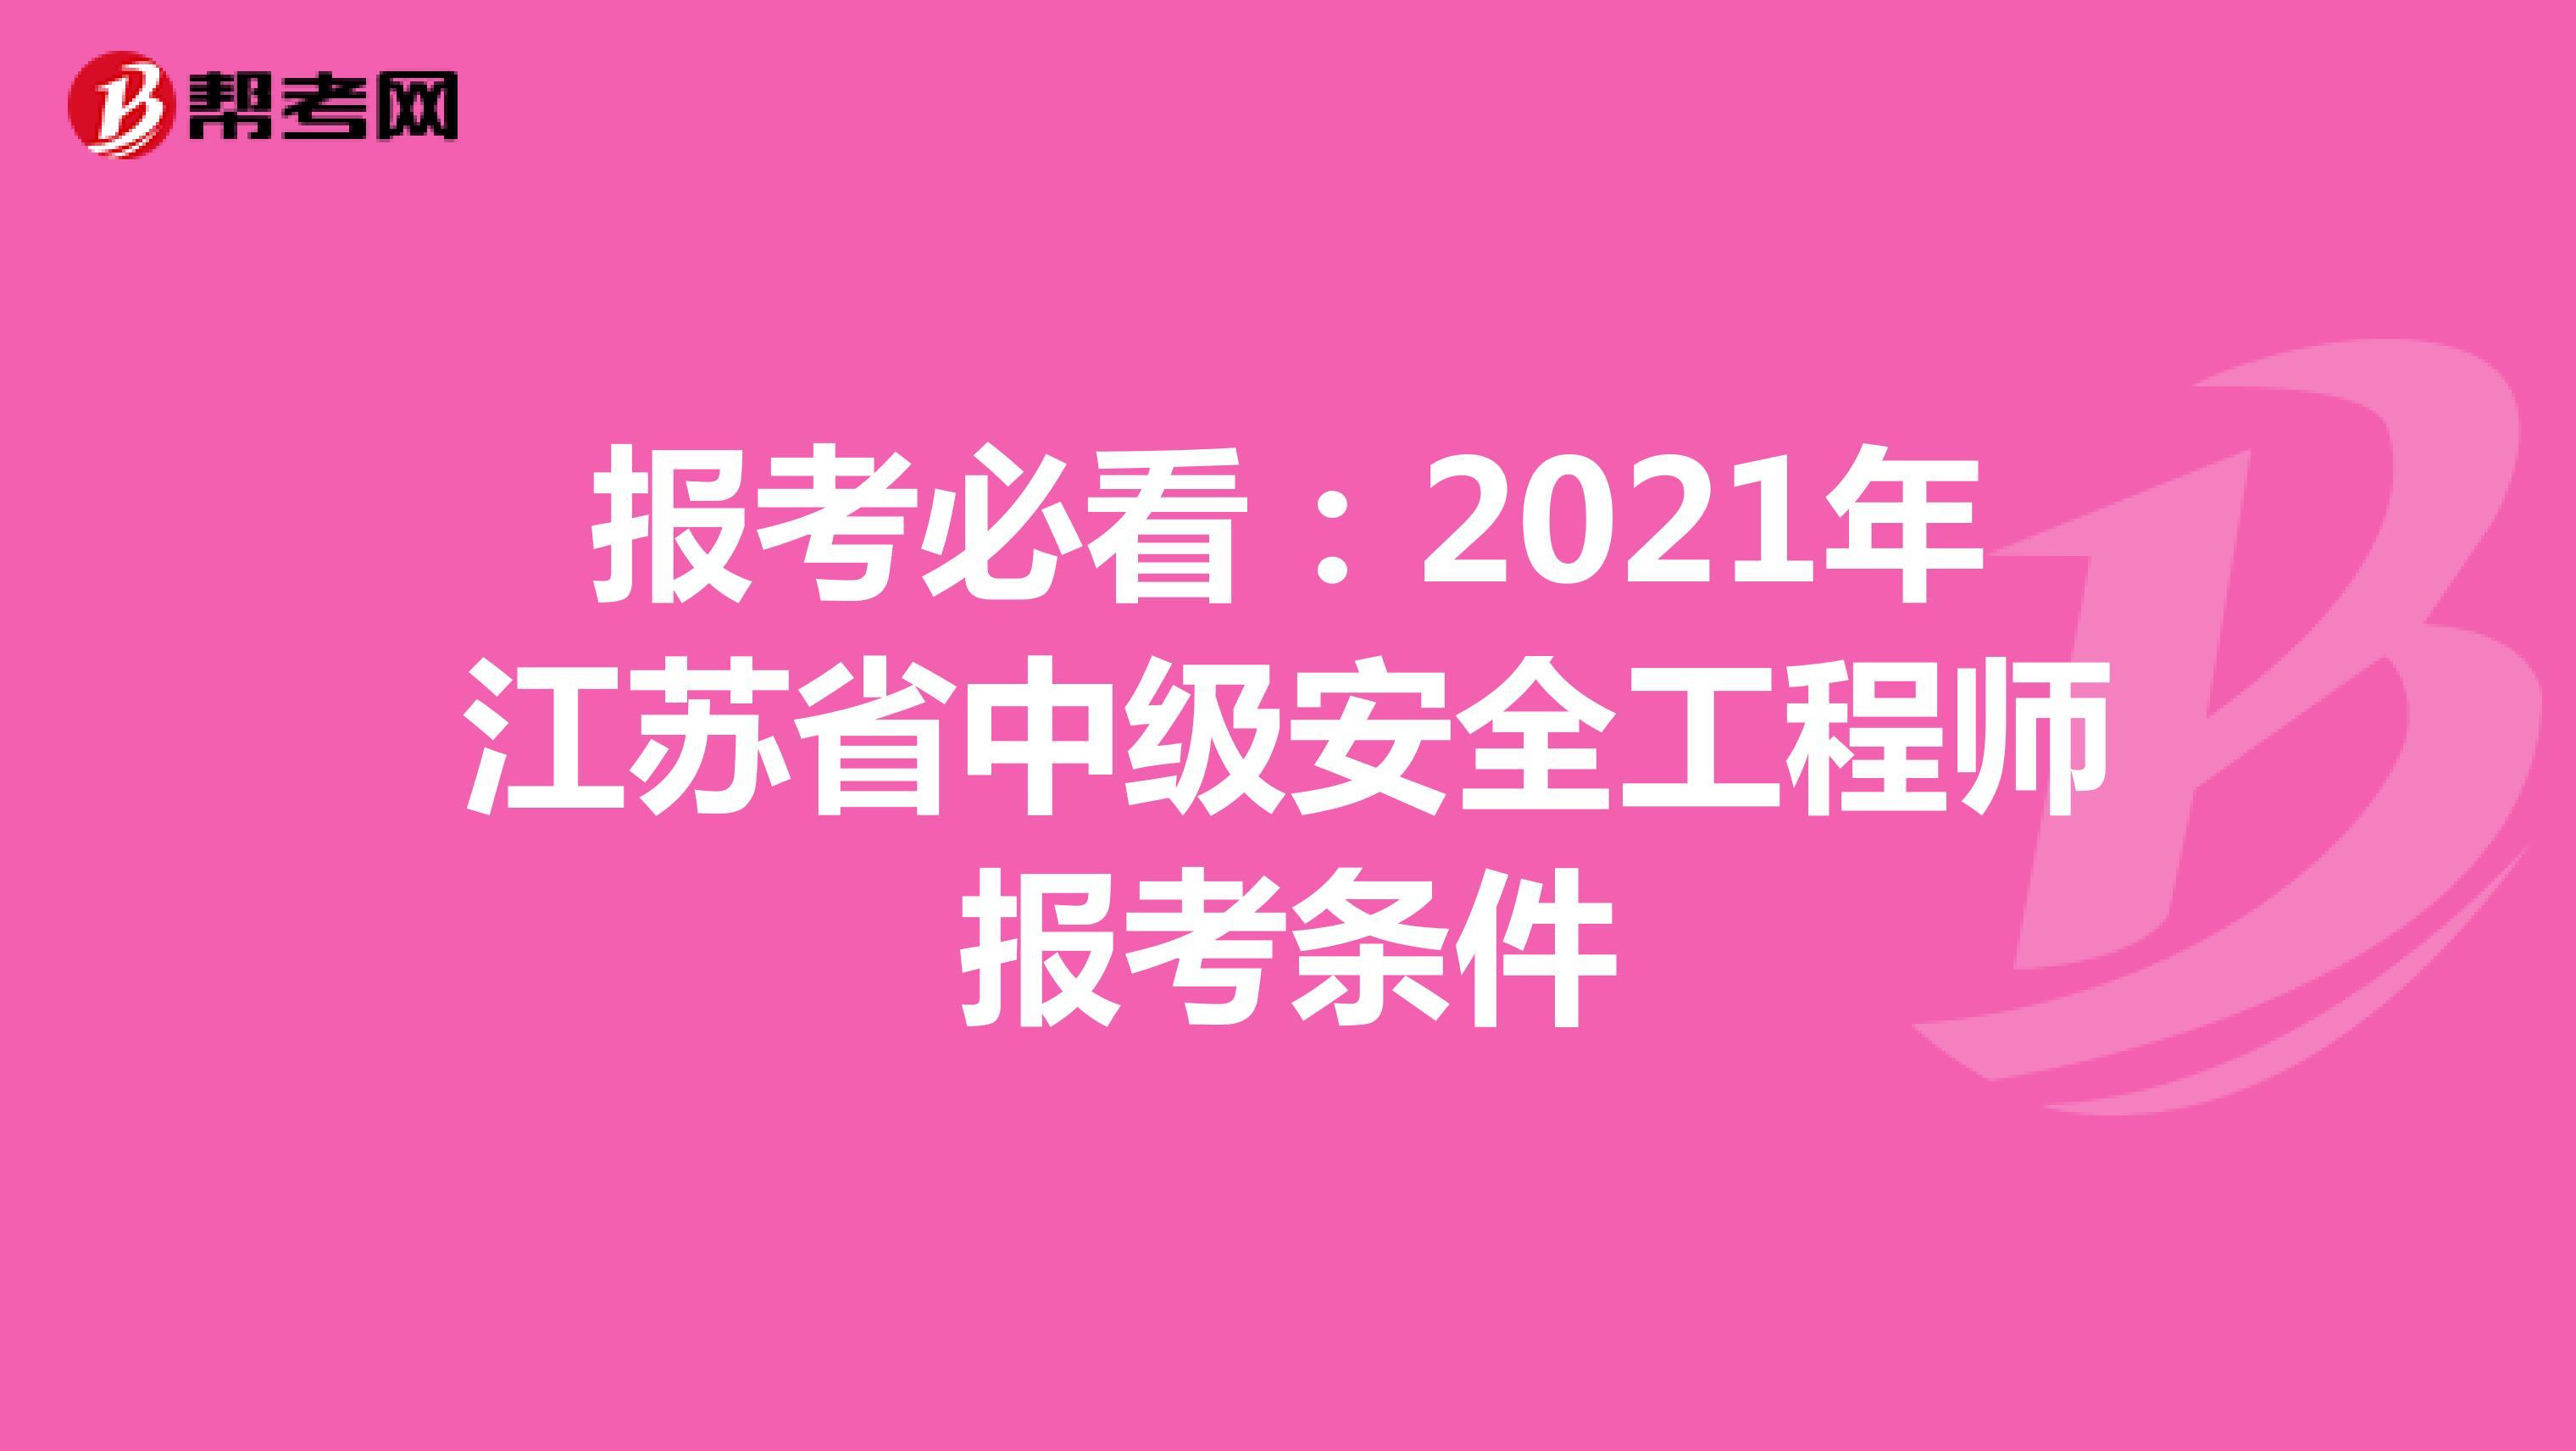 报考必看:2021年江苏省中级安全工程师报考条件